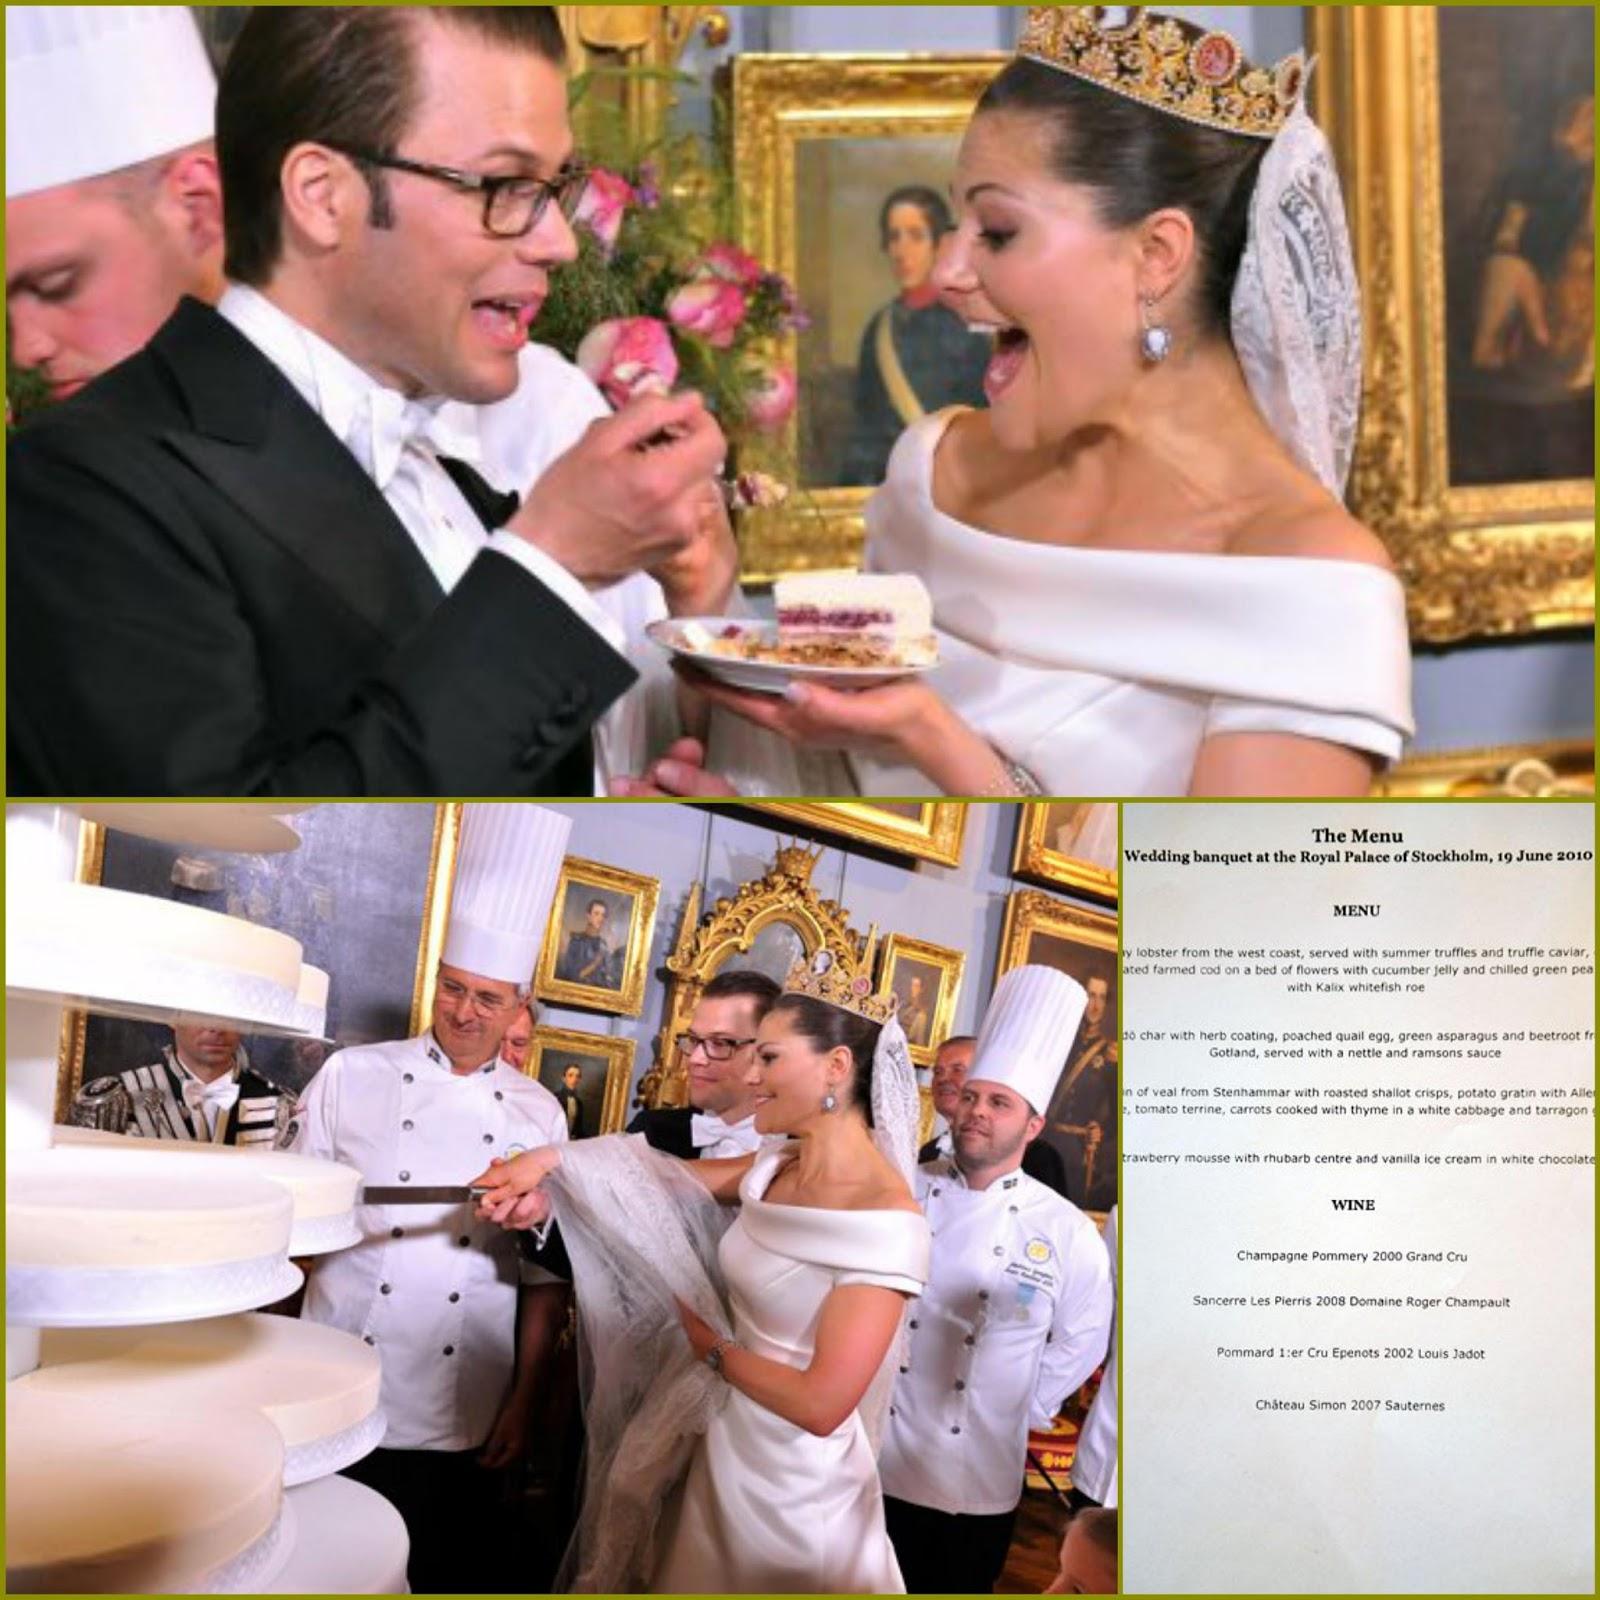 Konigliche Juwelen Kronprinzessin Victoria Und Prinz Daniel